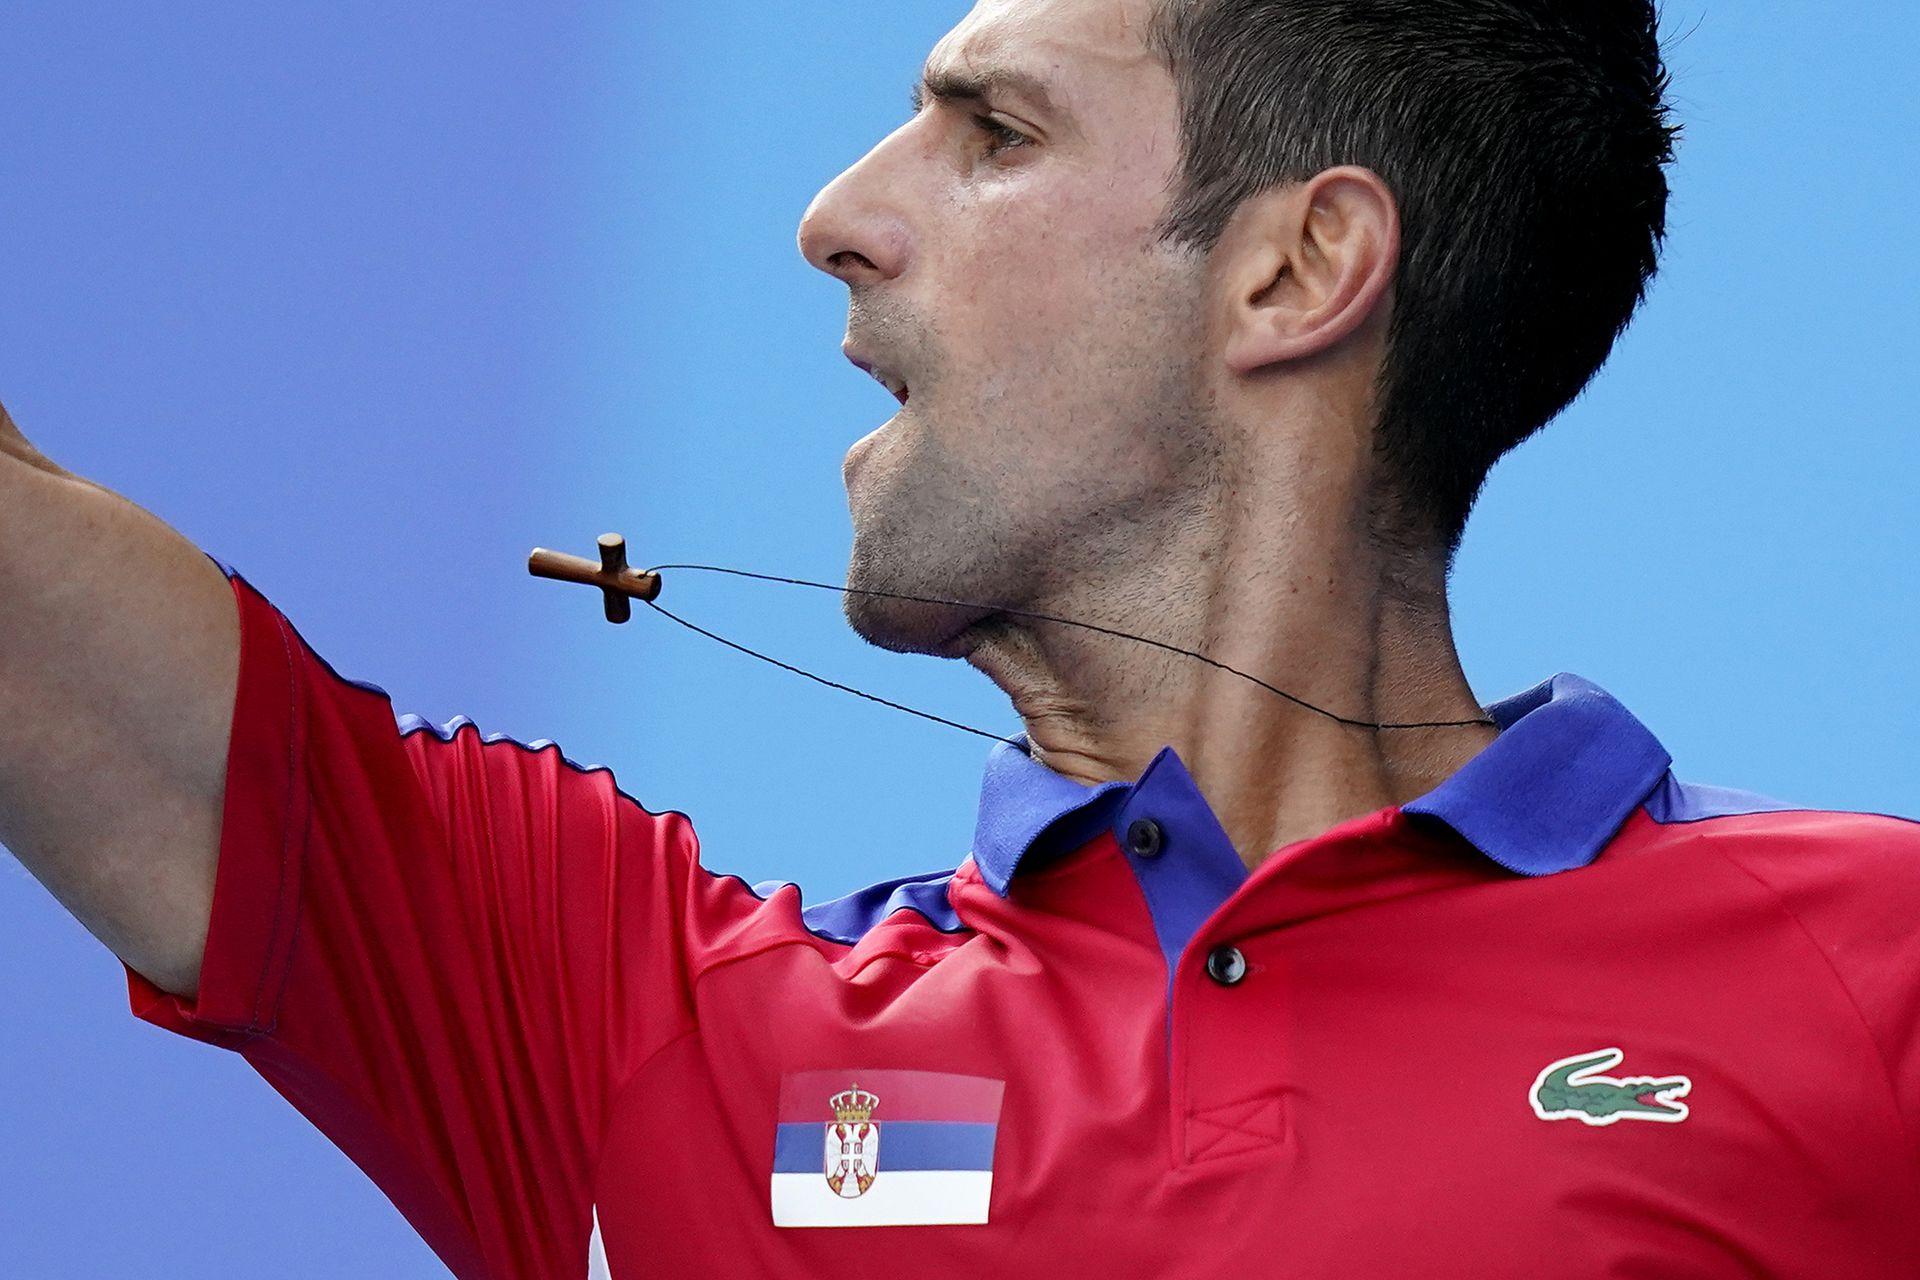 Un collar cuelga del cuello de Novak Djokovic cuando regresa a Hugo Dellien, de Bolivia, durante la competencia de tenis en los Juegos Olímpicos de Verano de 2020, el sábado 24 de julio de 2021 en Tokio, Japón.